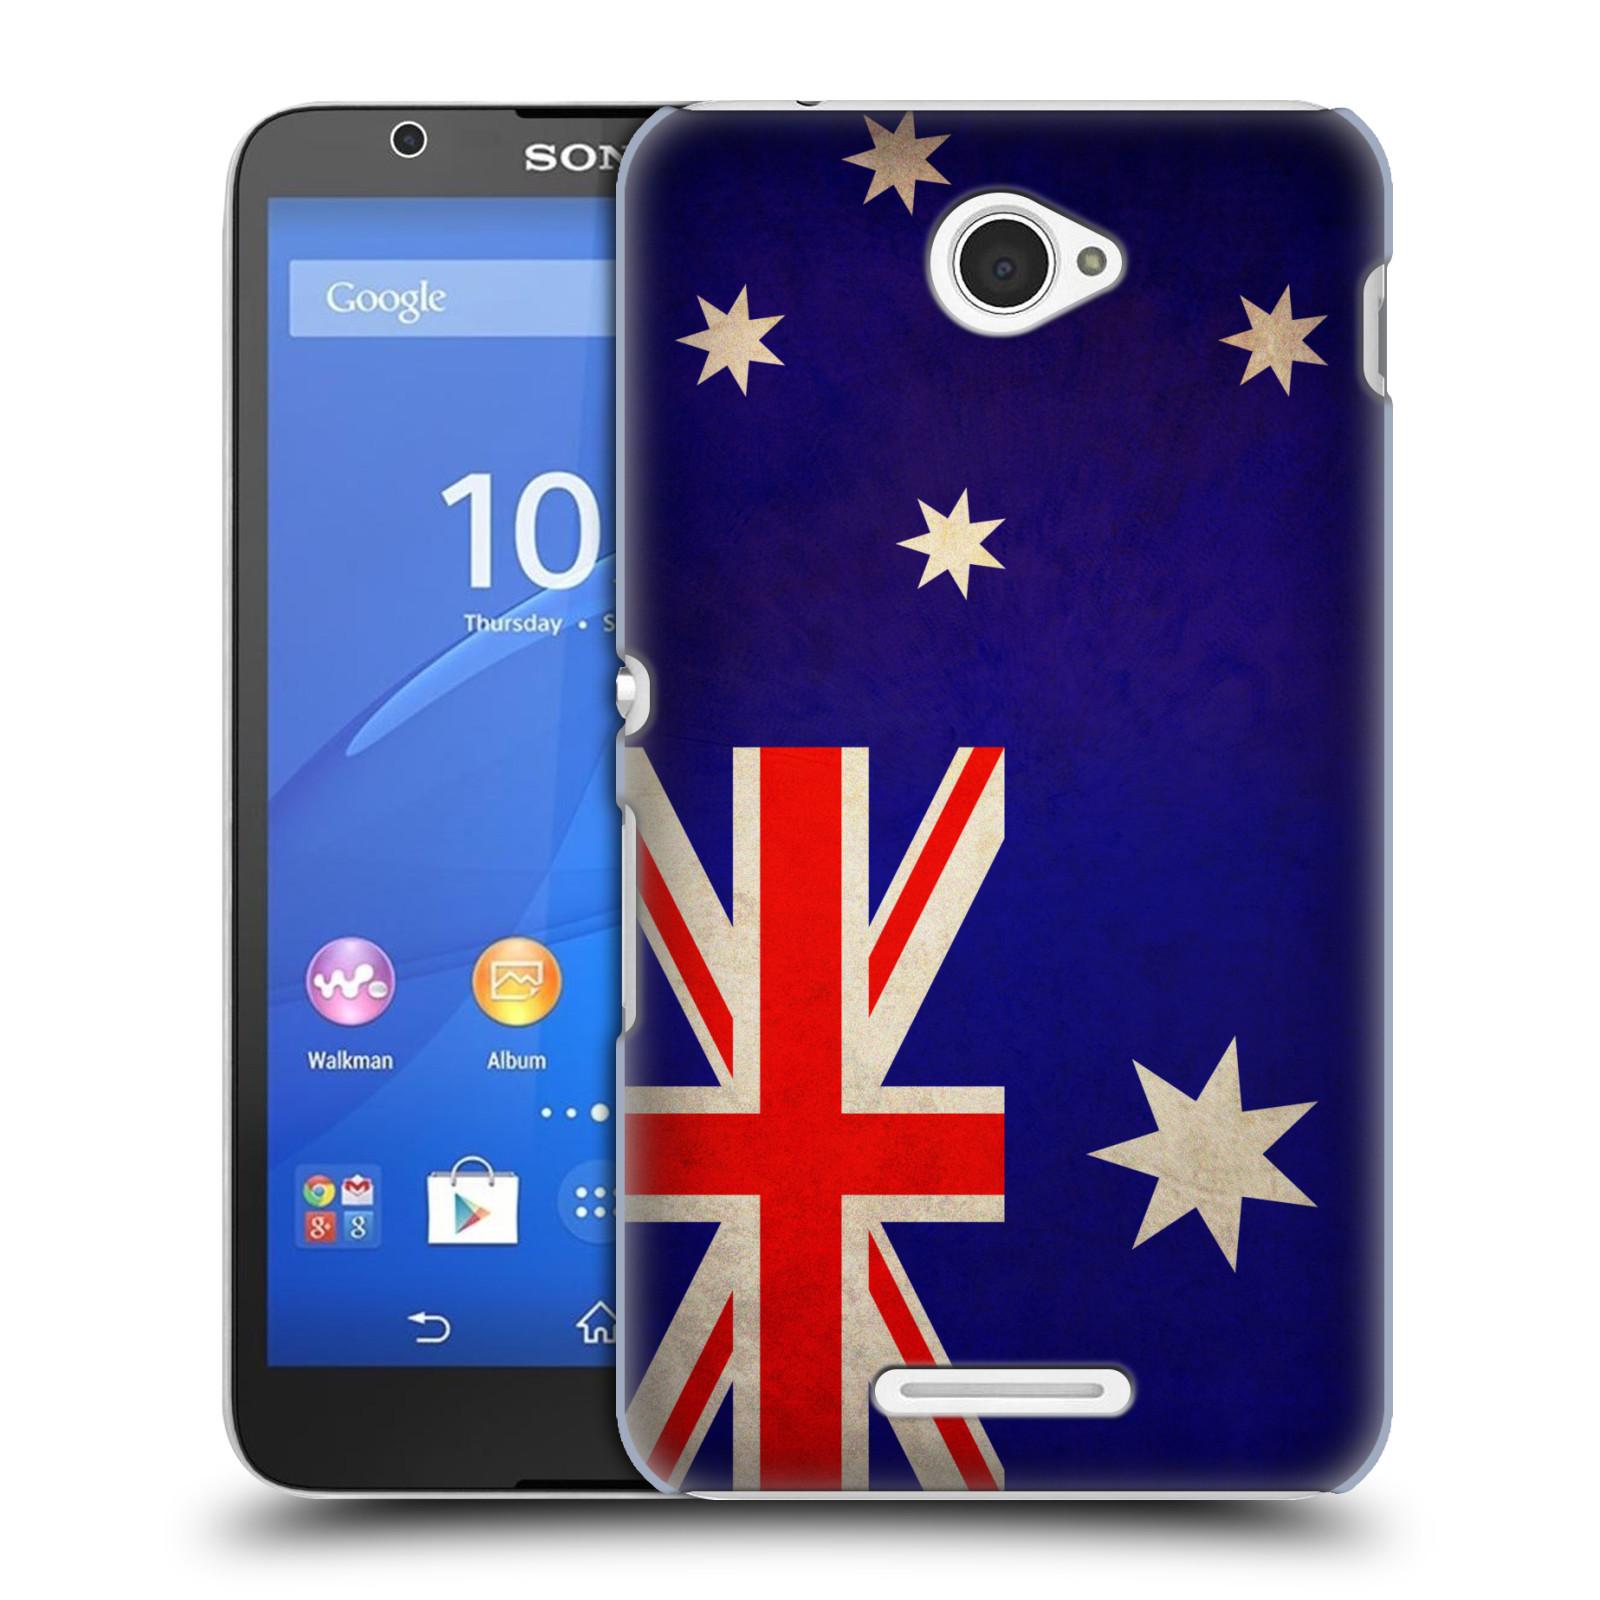 Plastové pouzdro na mobil Sony Xperia E4 E2105 HEAD CASE VLAJKA AUSTRÁLIE (Kryt či obal na mobilní telefon Sony Xperia E4 a E4 Dual SIM)